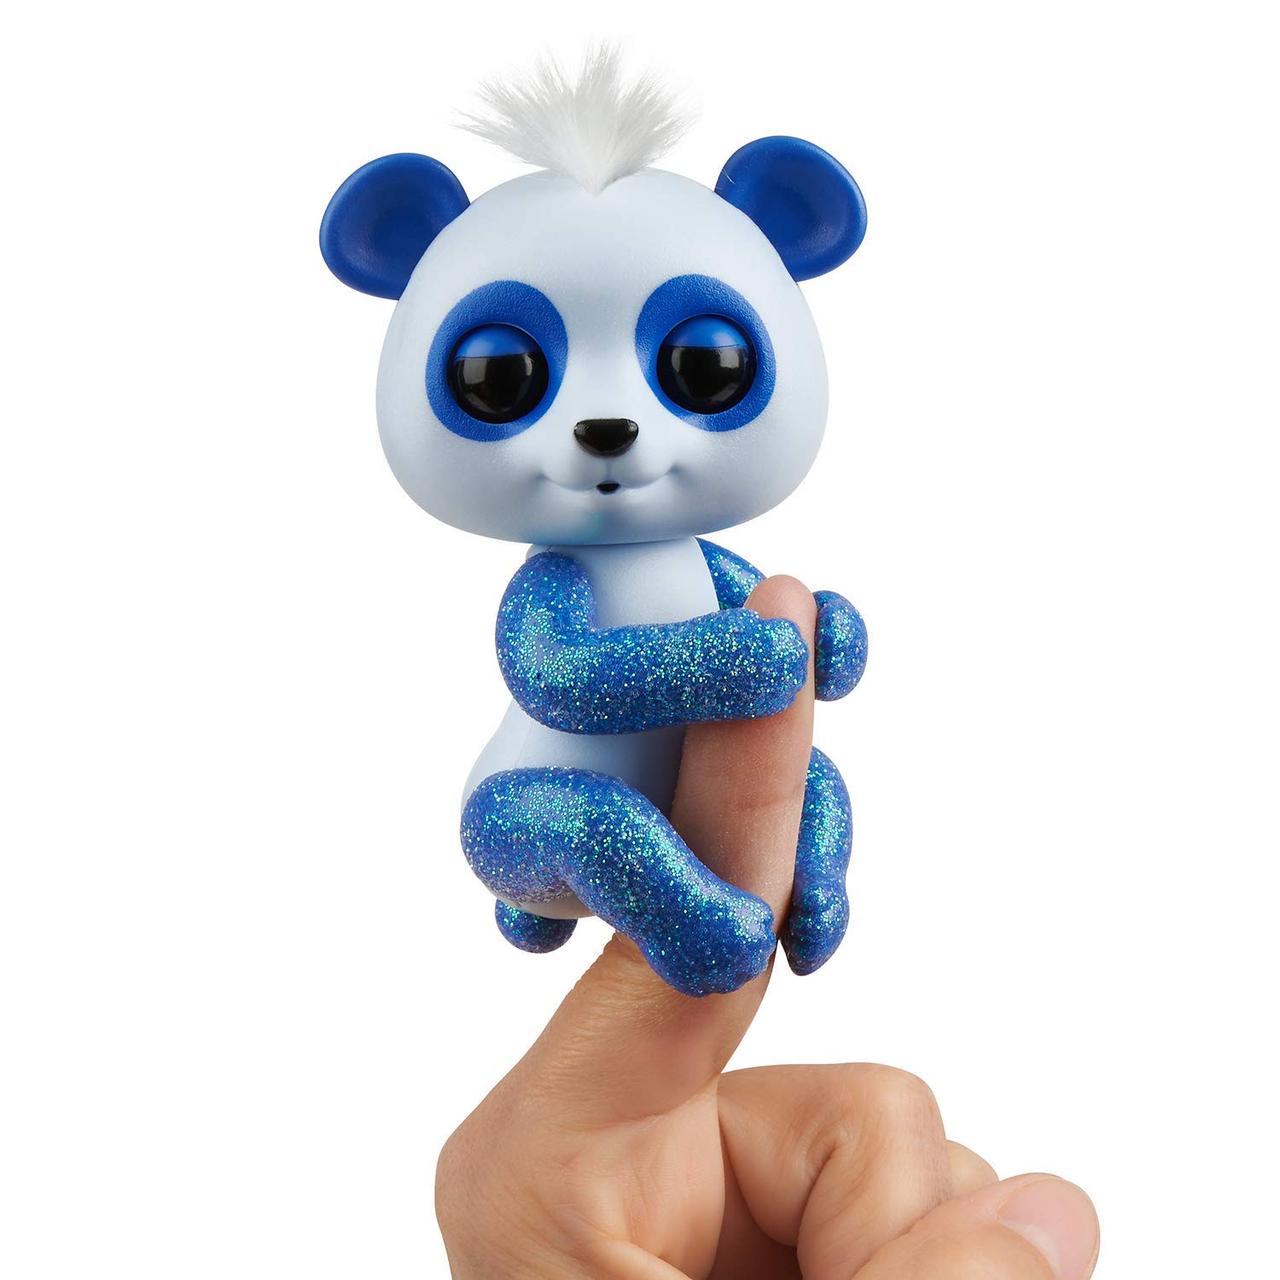 Интерактивная панда синяя Дрю, Glitter Panda WowWee Fingerlings Оригинал из США